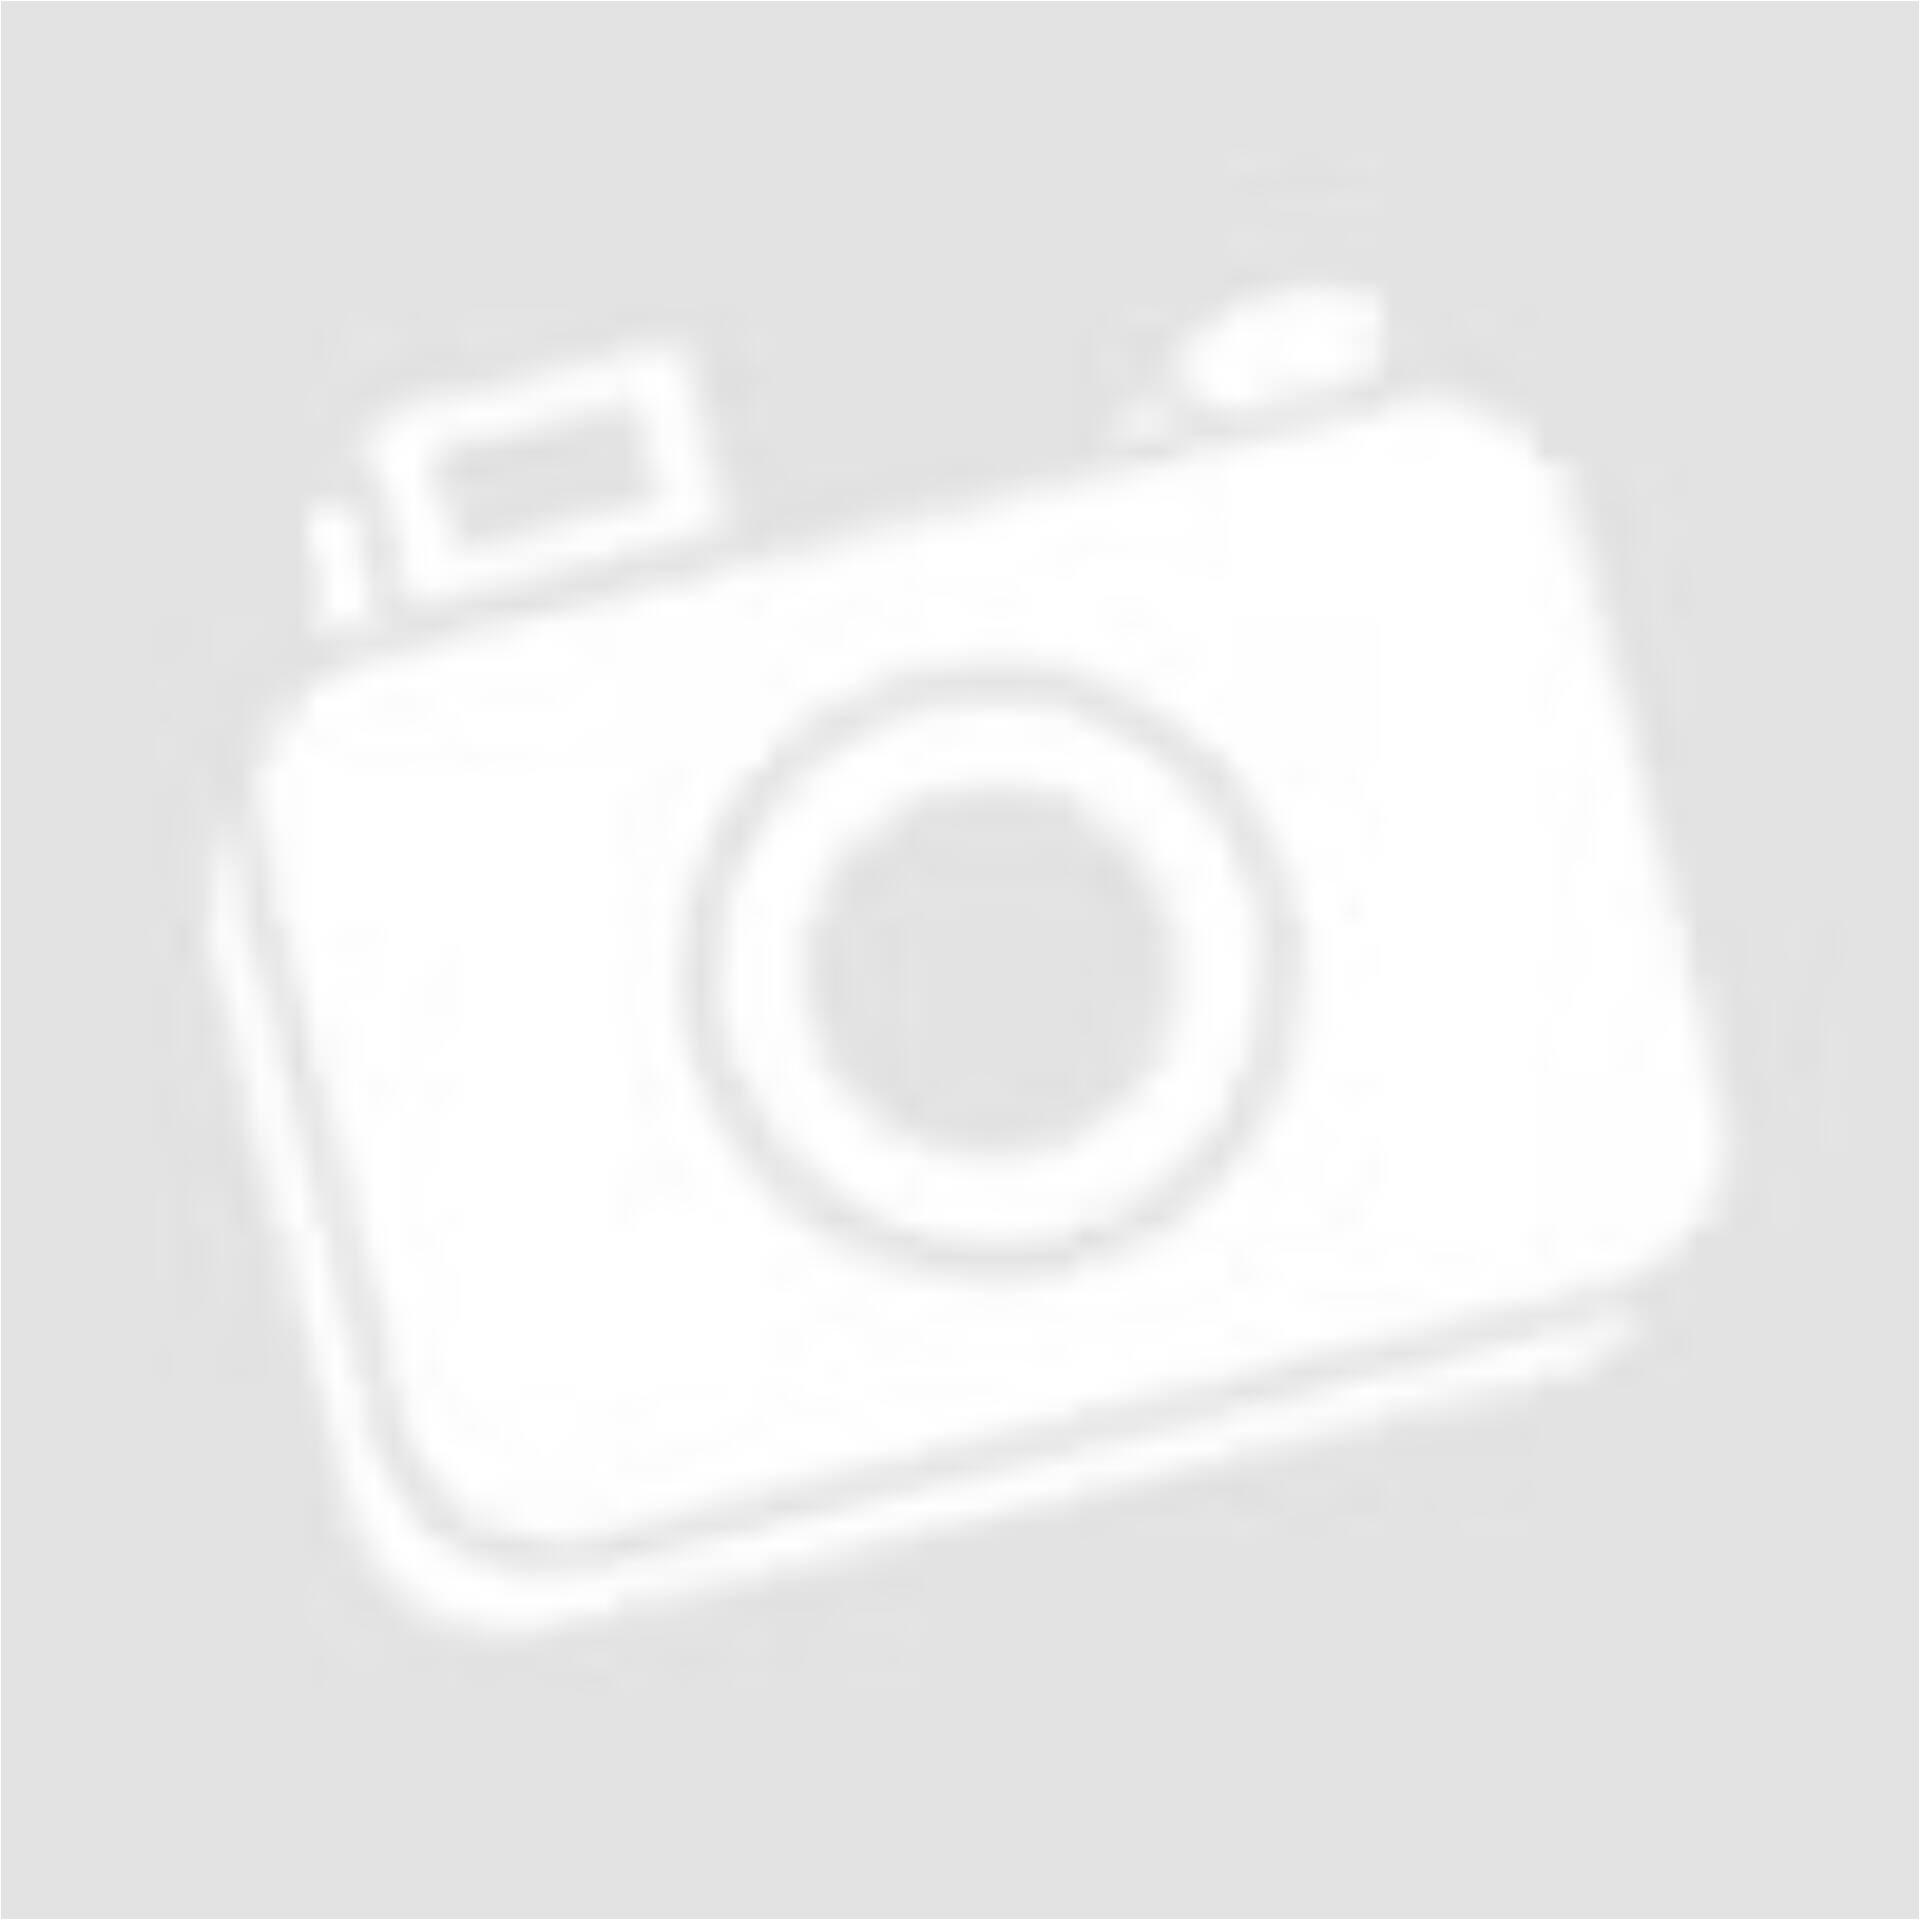 a808fbda15 ATMOSPHERE mályva színű feliratos pulcsi (Méret: XS) - Női pulóver ...